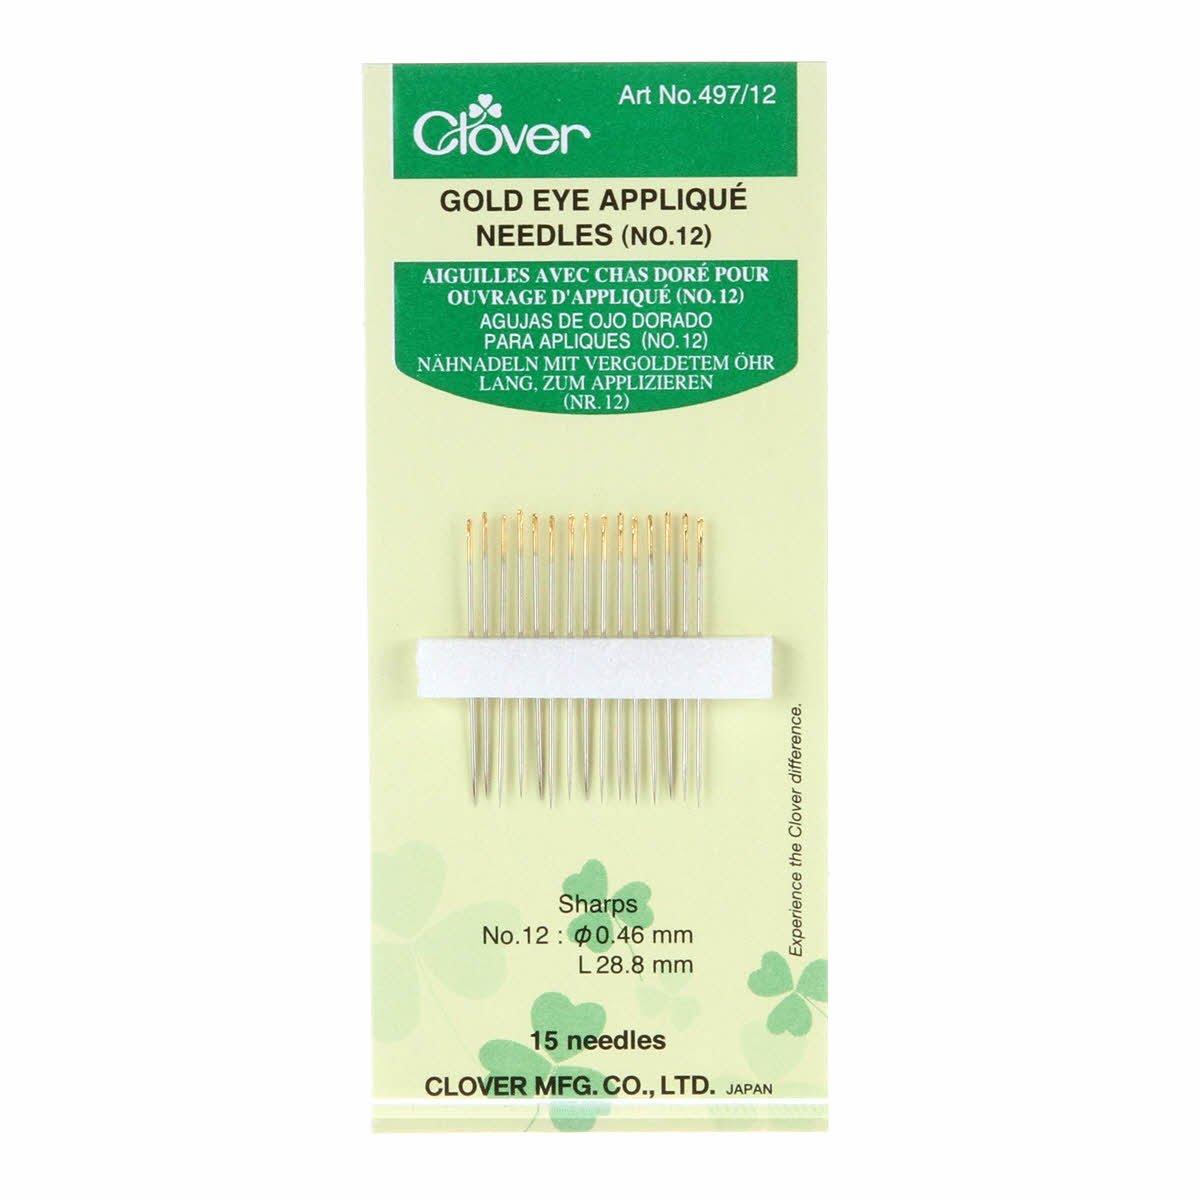 Clover Gold Eye Applique Needles 497CV-12